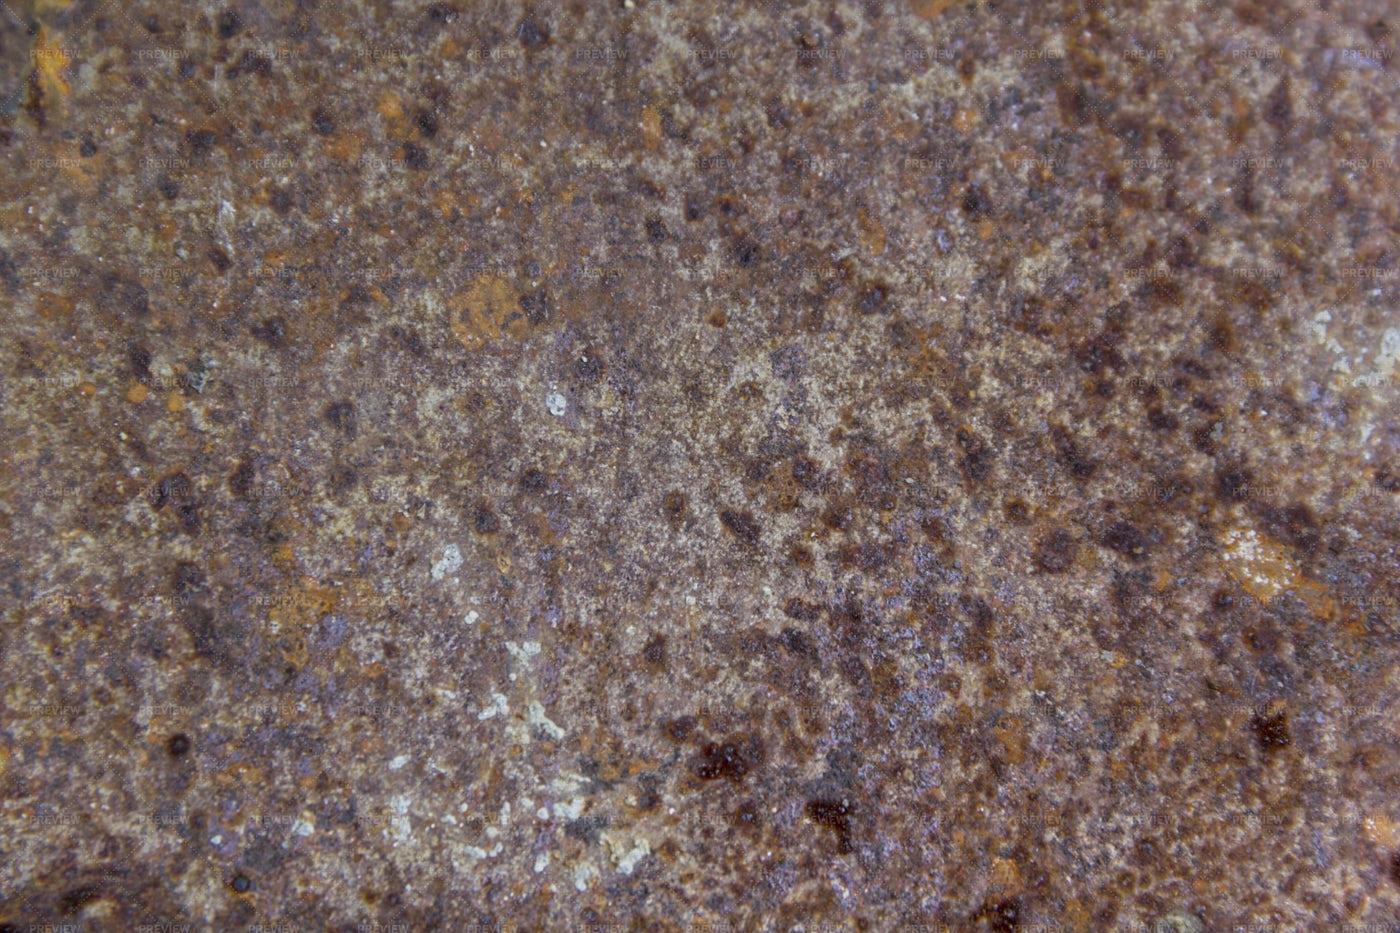 Old Rusty Metal Texture: Stock Photos